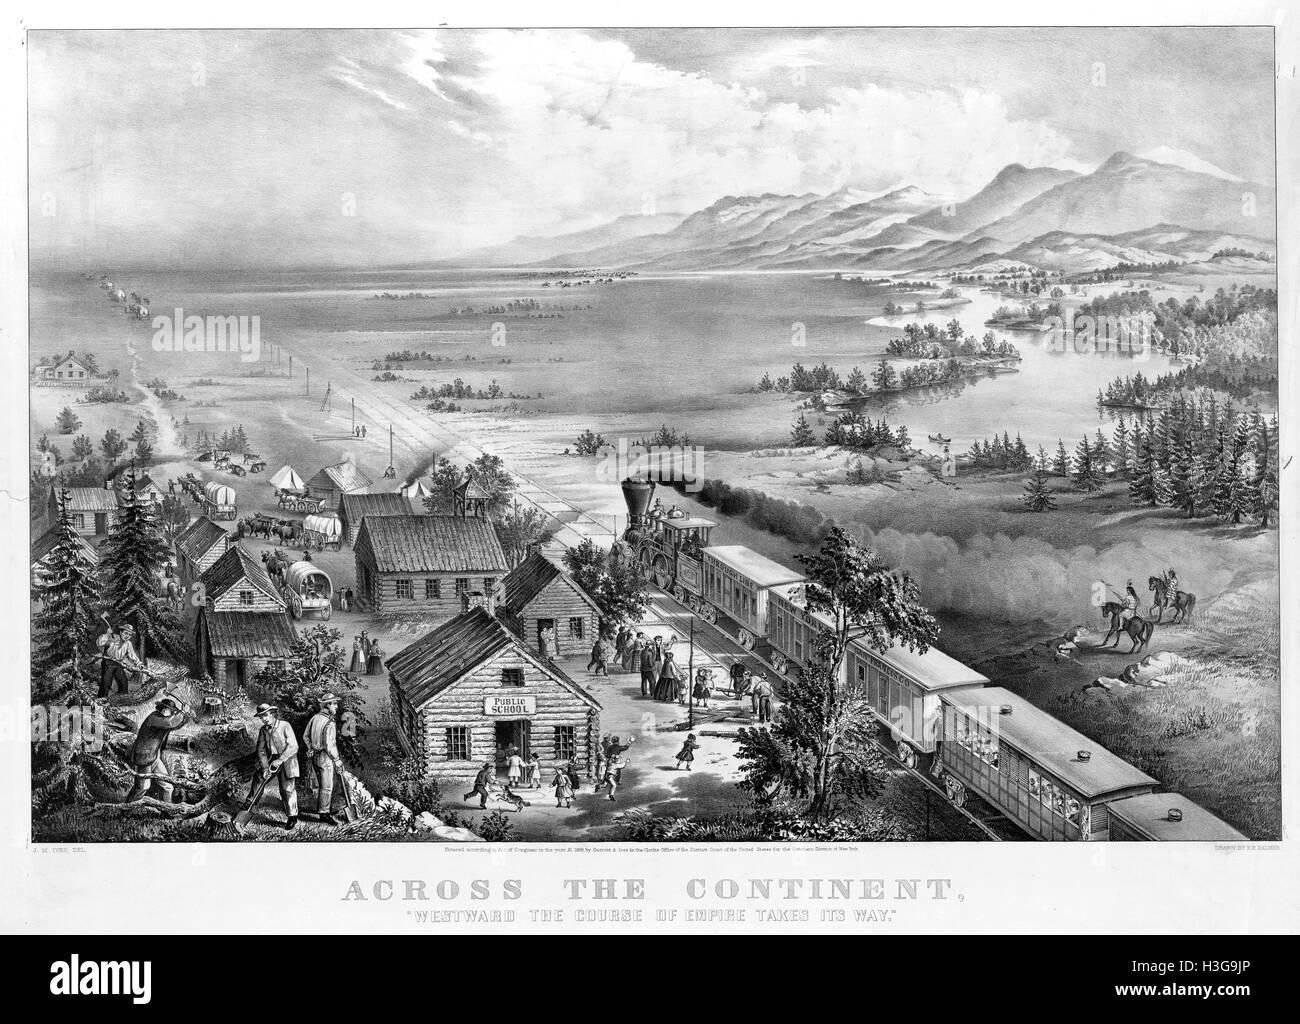 ÜBER den Kontinent Currier & Ives 1868 Lithographie von Frances Flora Palmers Malerei war die in vielen Stockbild